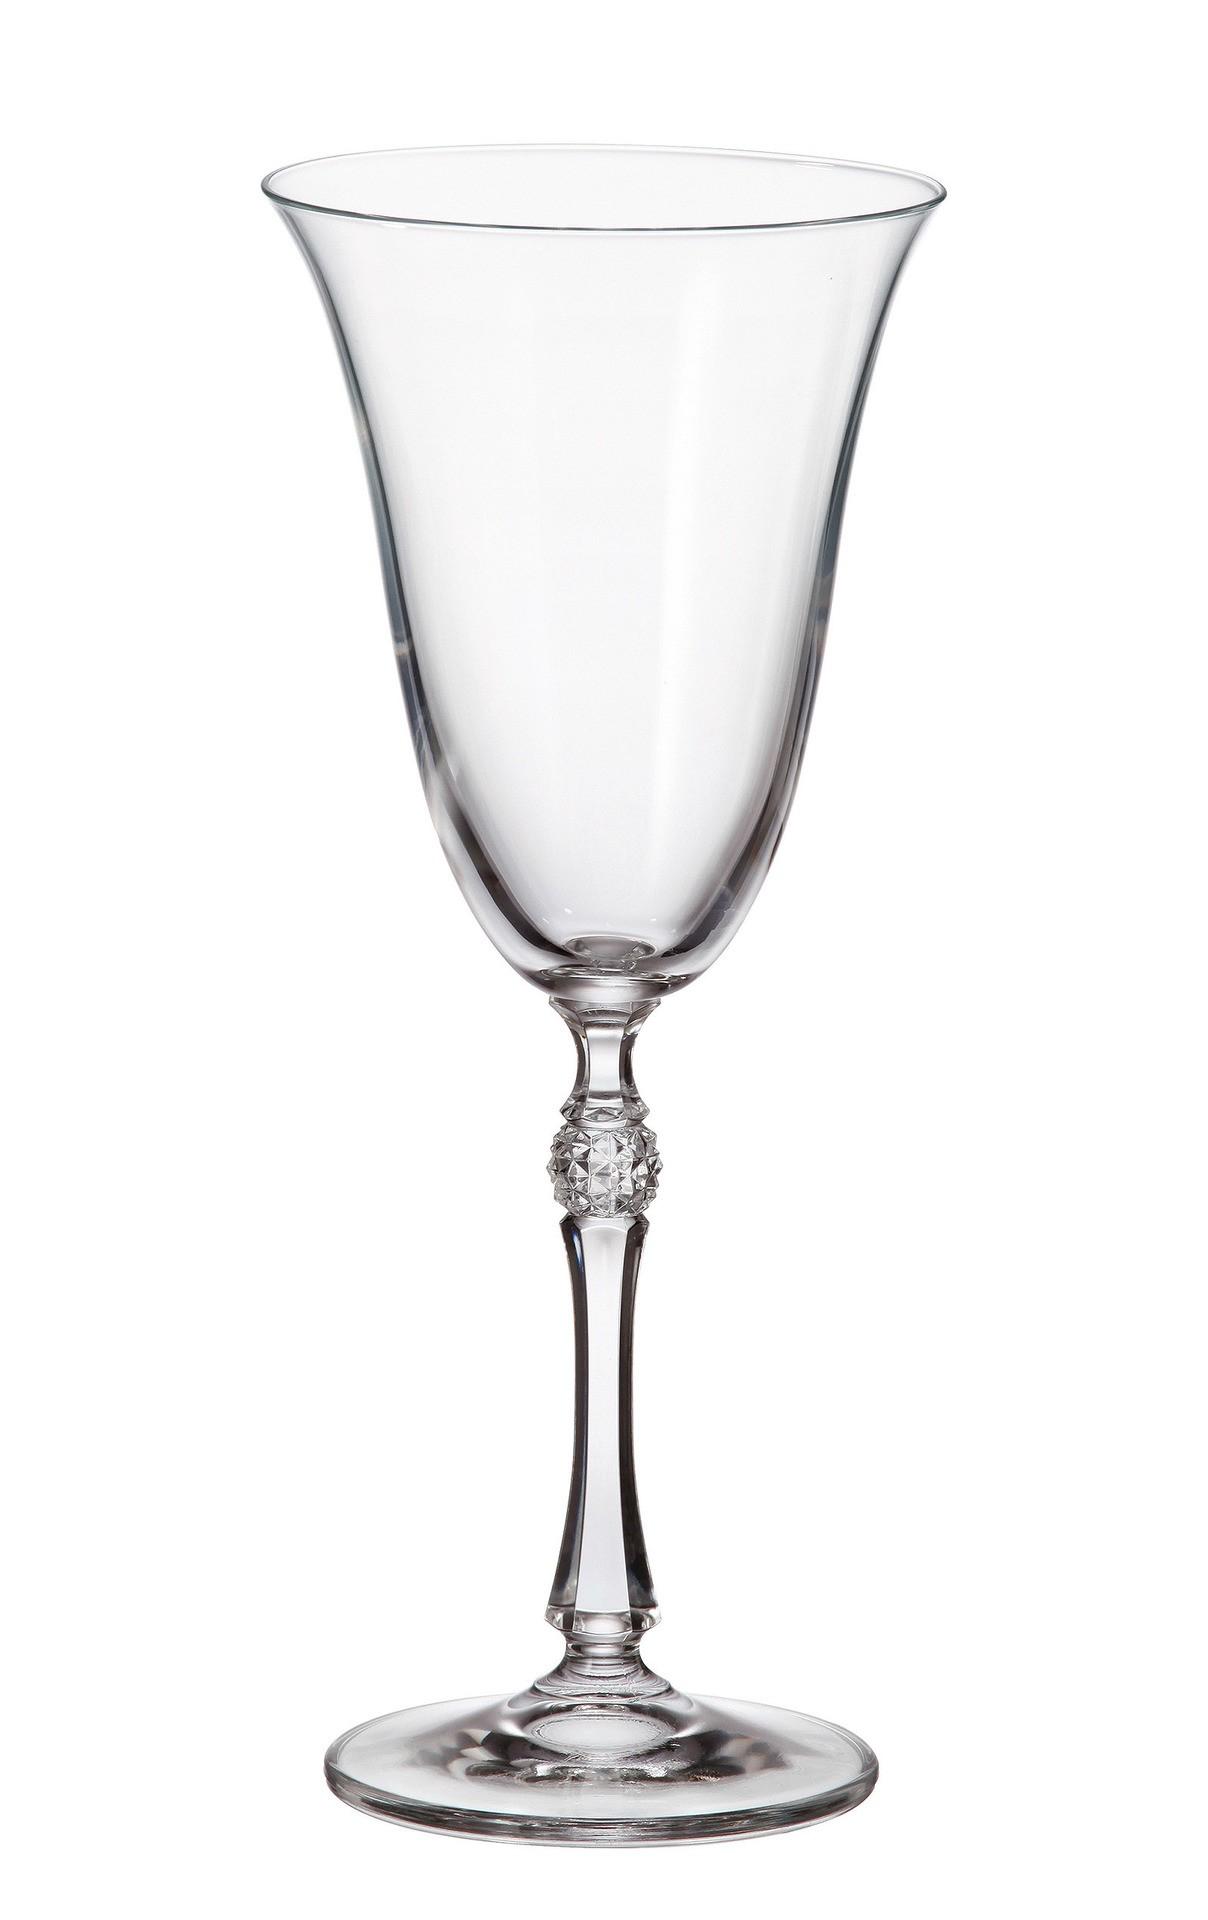 Ποτήρι Νερού Σετ 6 Τμχ Κρυστάλλινο Bohemia Proxima 350ml home   ειδη σερβιρισματος   ποτήρια   kρυστάλλινα